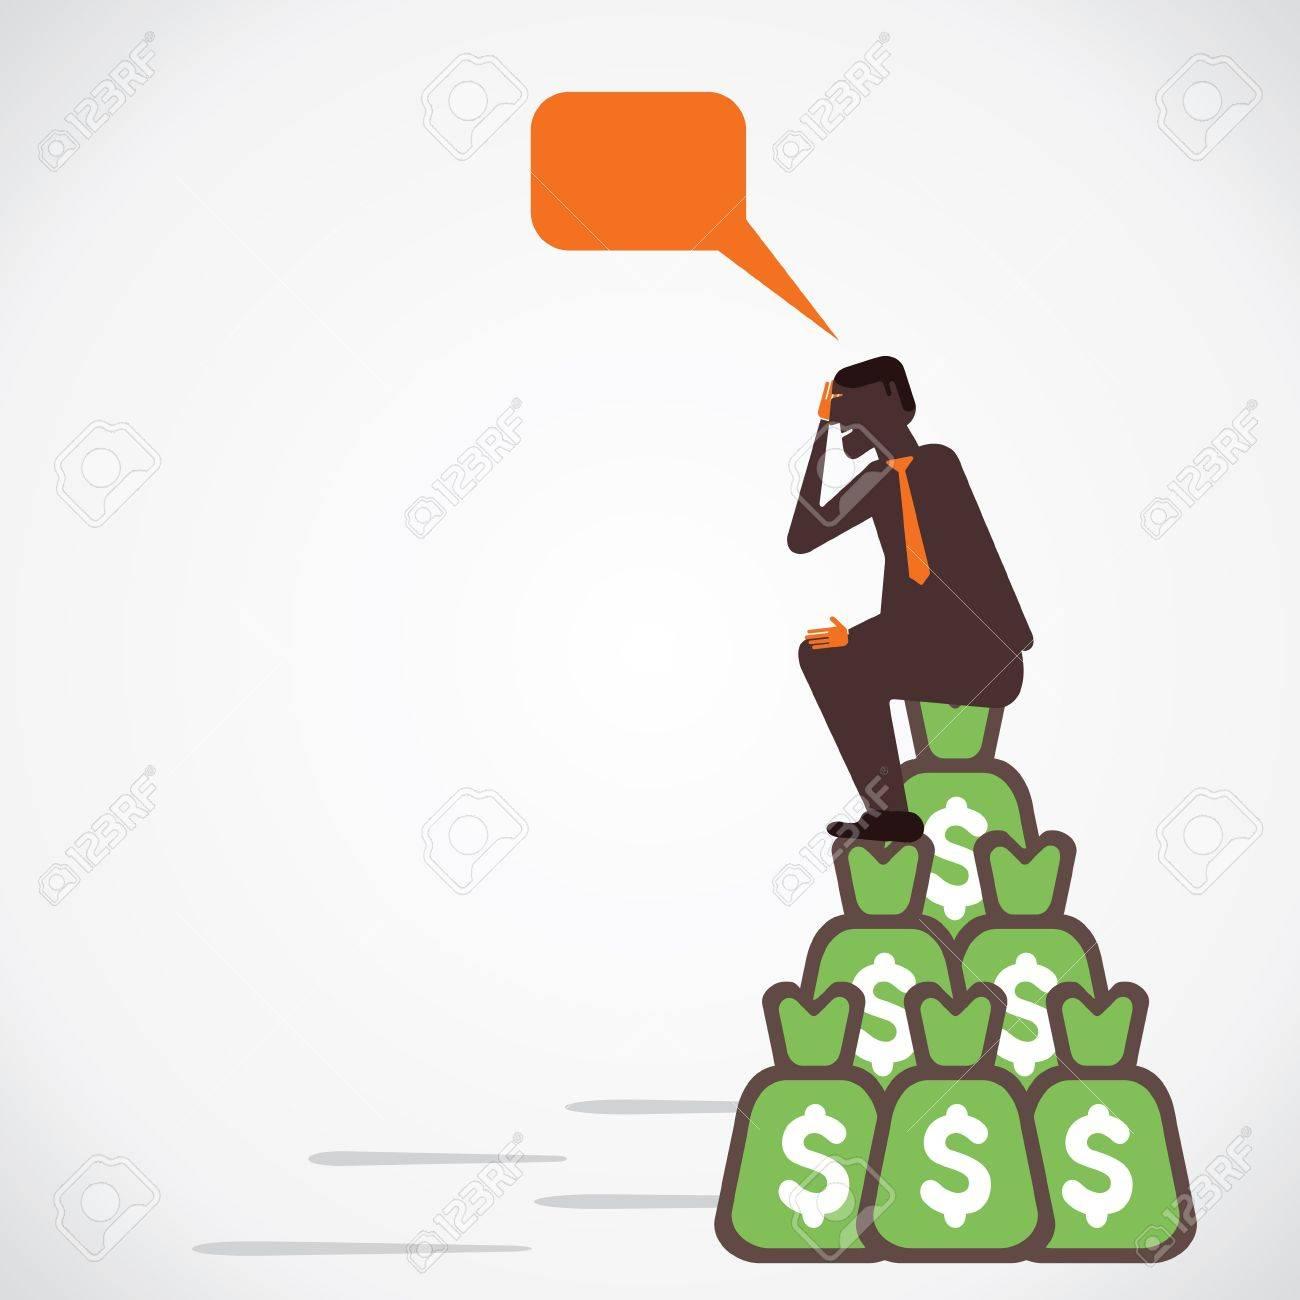 businessmen with lots of money vector Stock Vector - 21197294